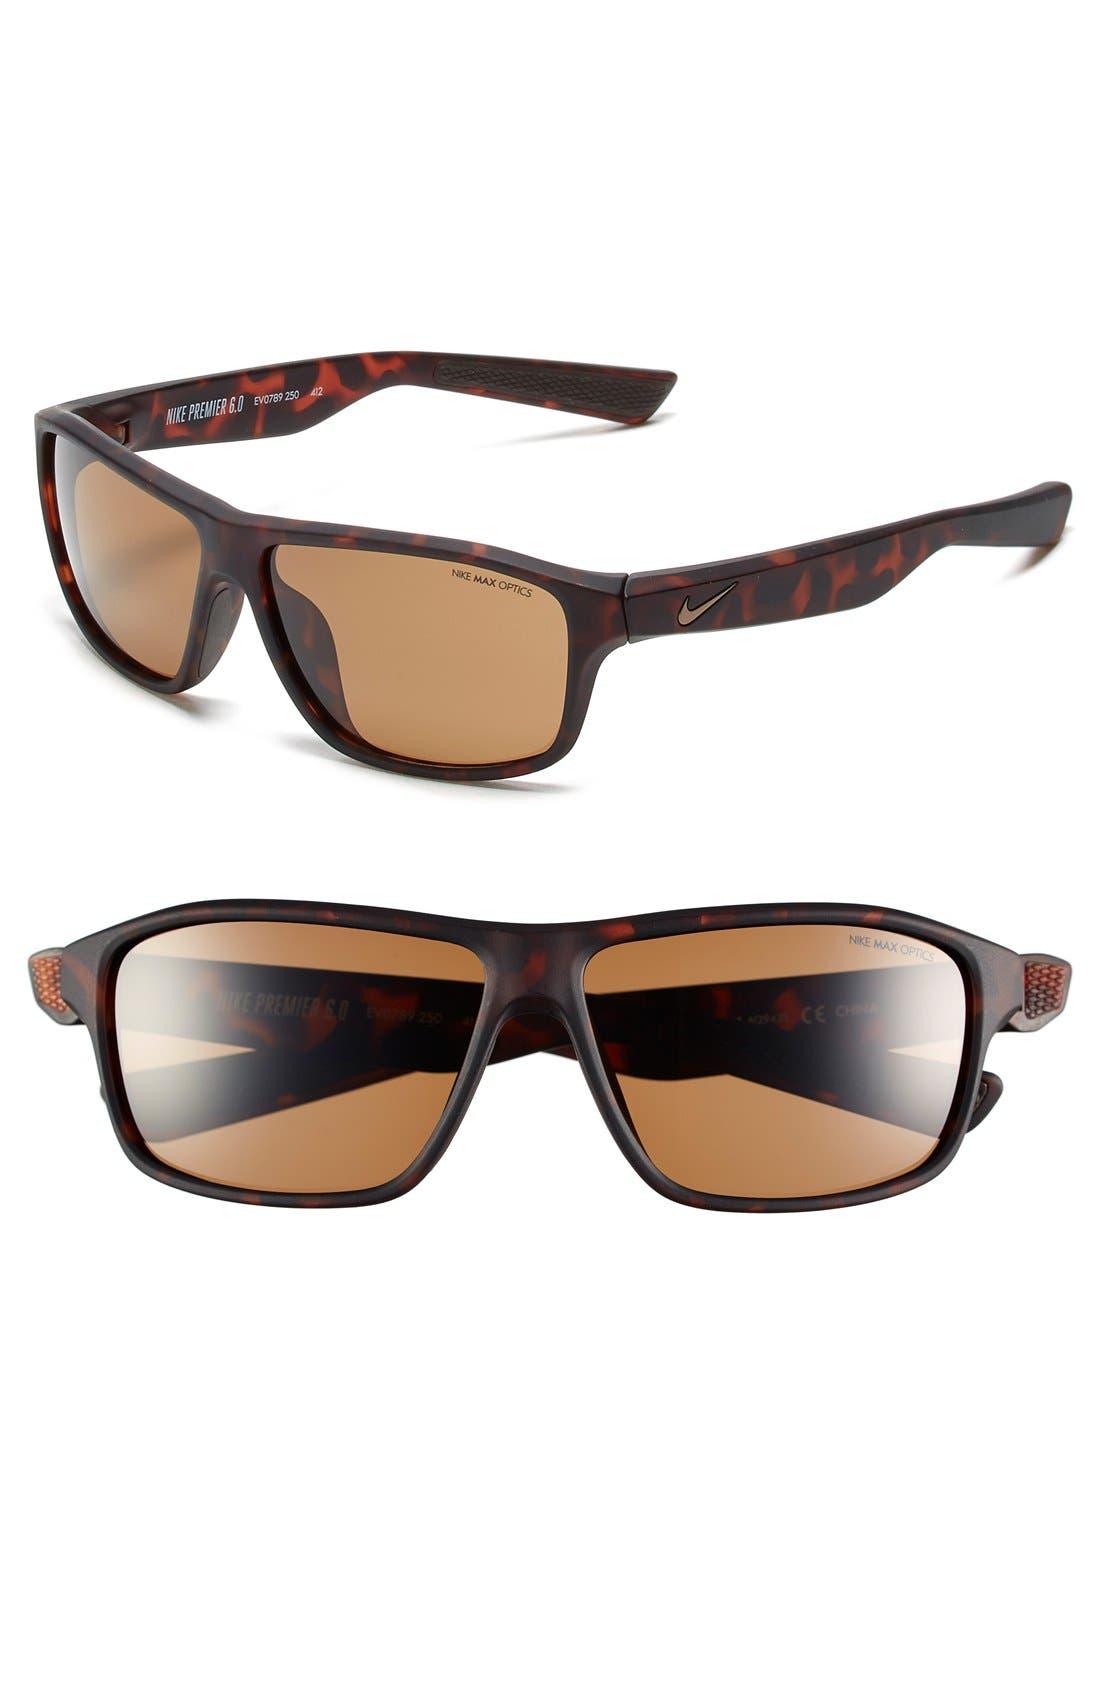 nike glasses womens orange